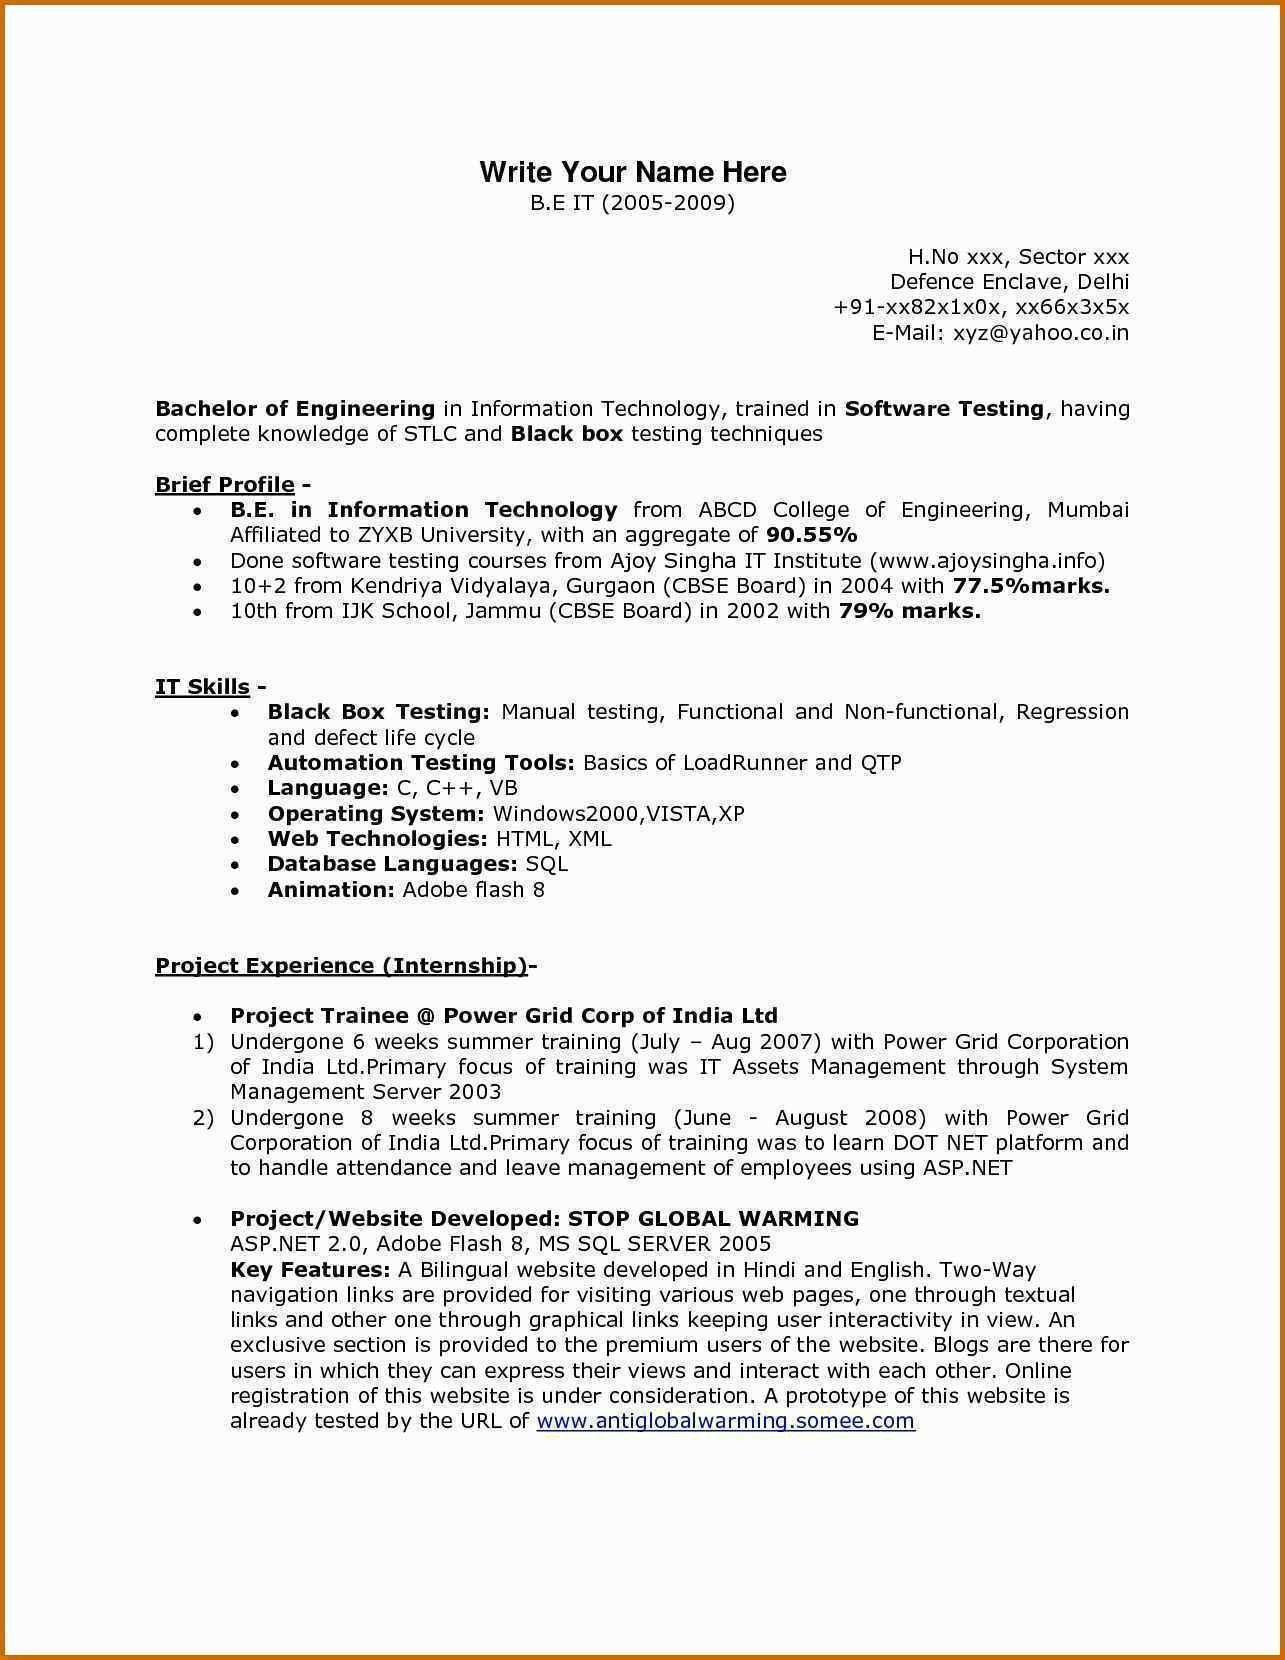 Sample Resume For Java Developer Fresher Lovely Resume Headline For Java Developer In Job Resume Examples Resume Summary Examples Resume Cover Letter Examples